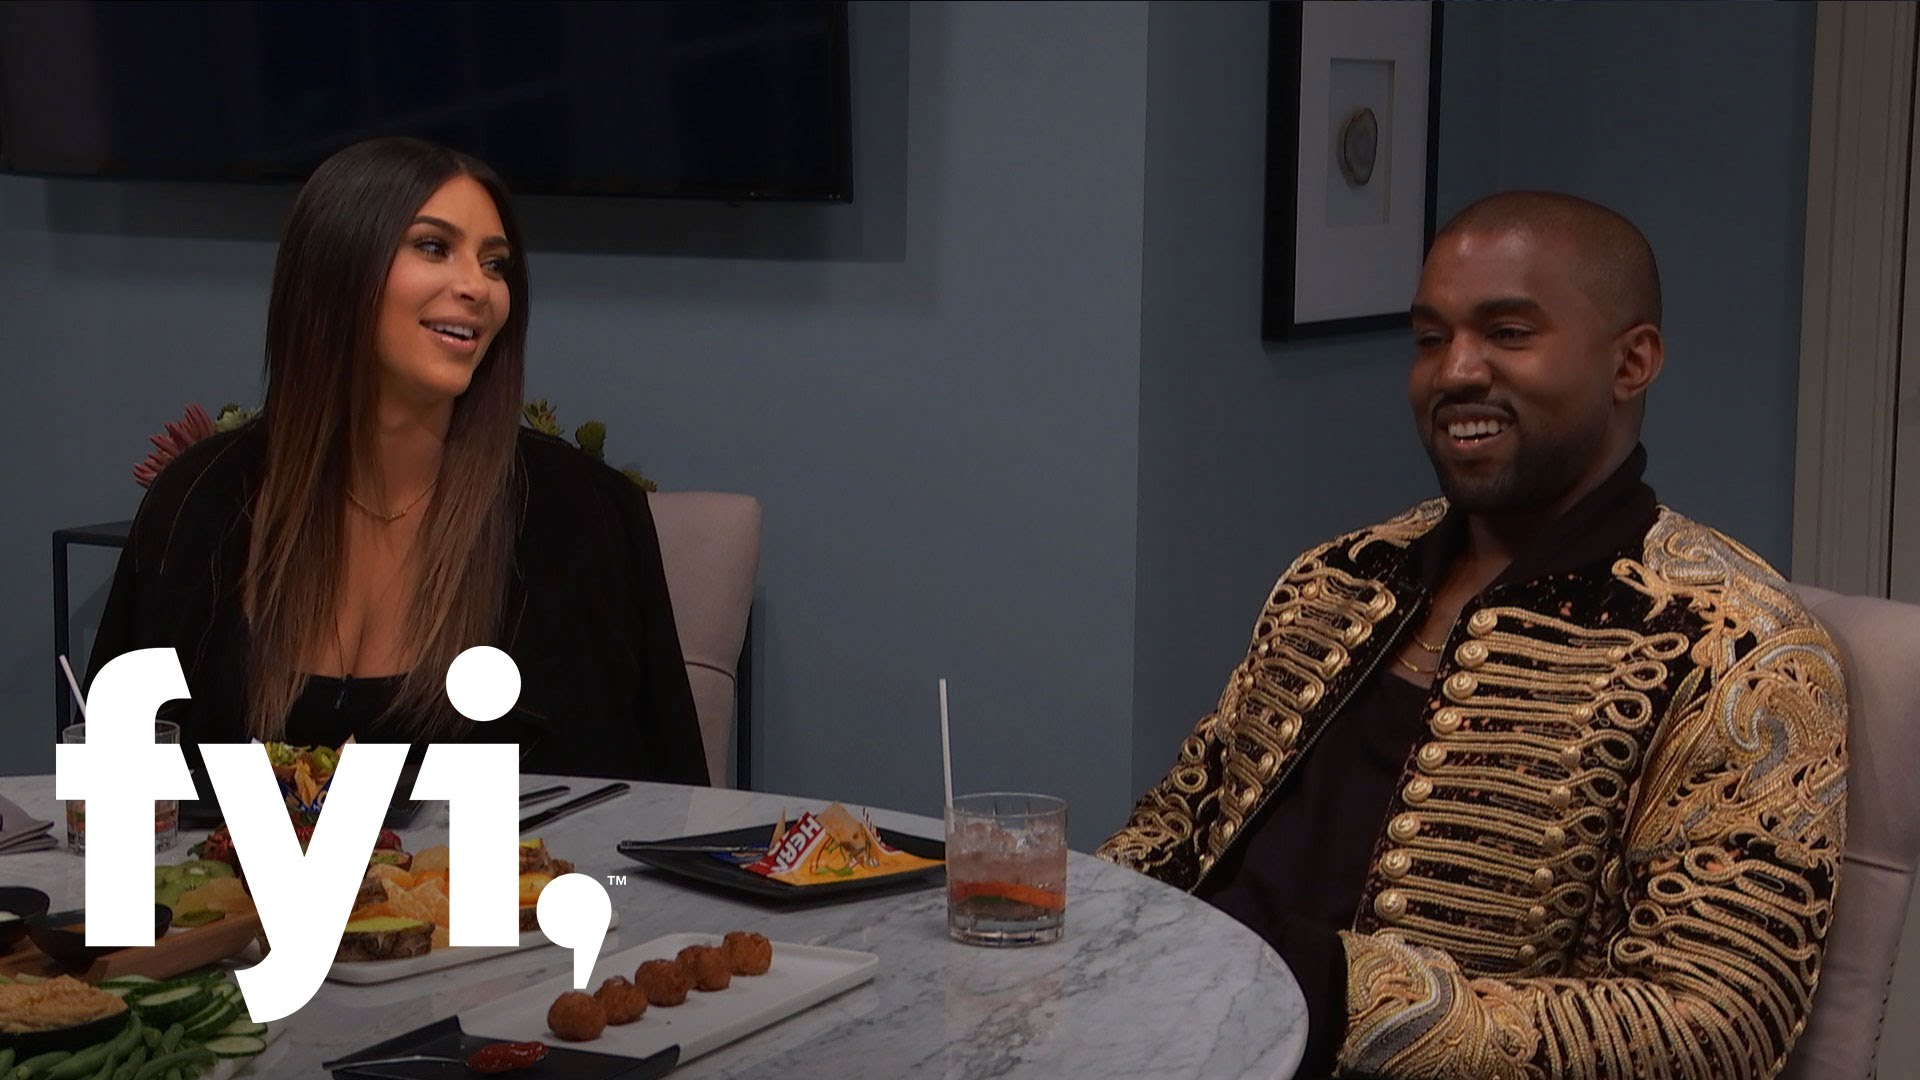 kanye west tried talking kim kardashian away from kris humphries 2016 image